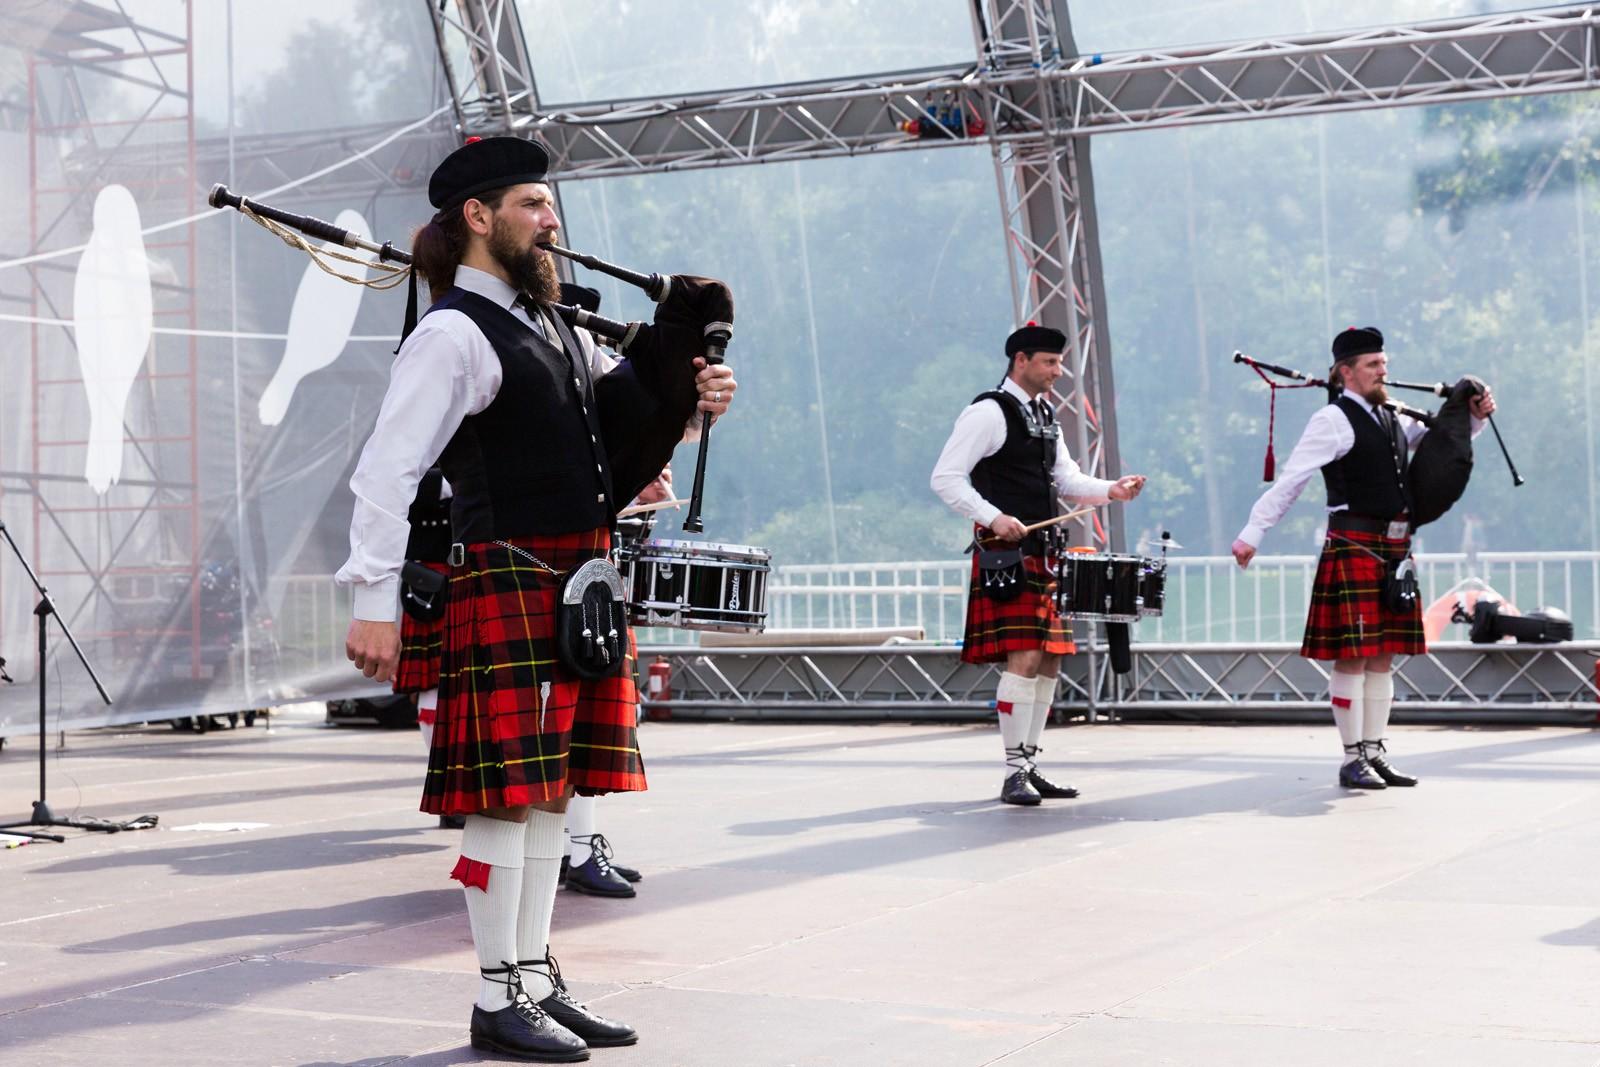 Волынщики устроят рок-концерт в Твери